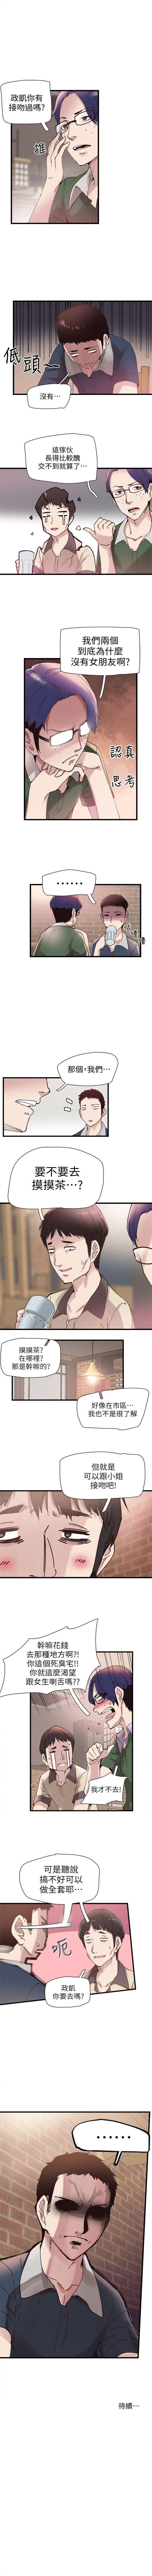 (週7)校園live秀 1-50 中文翻譯(更新中) 44